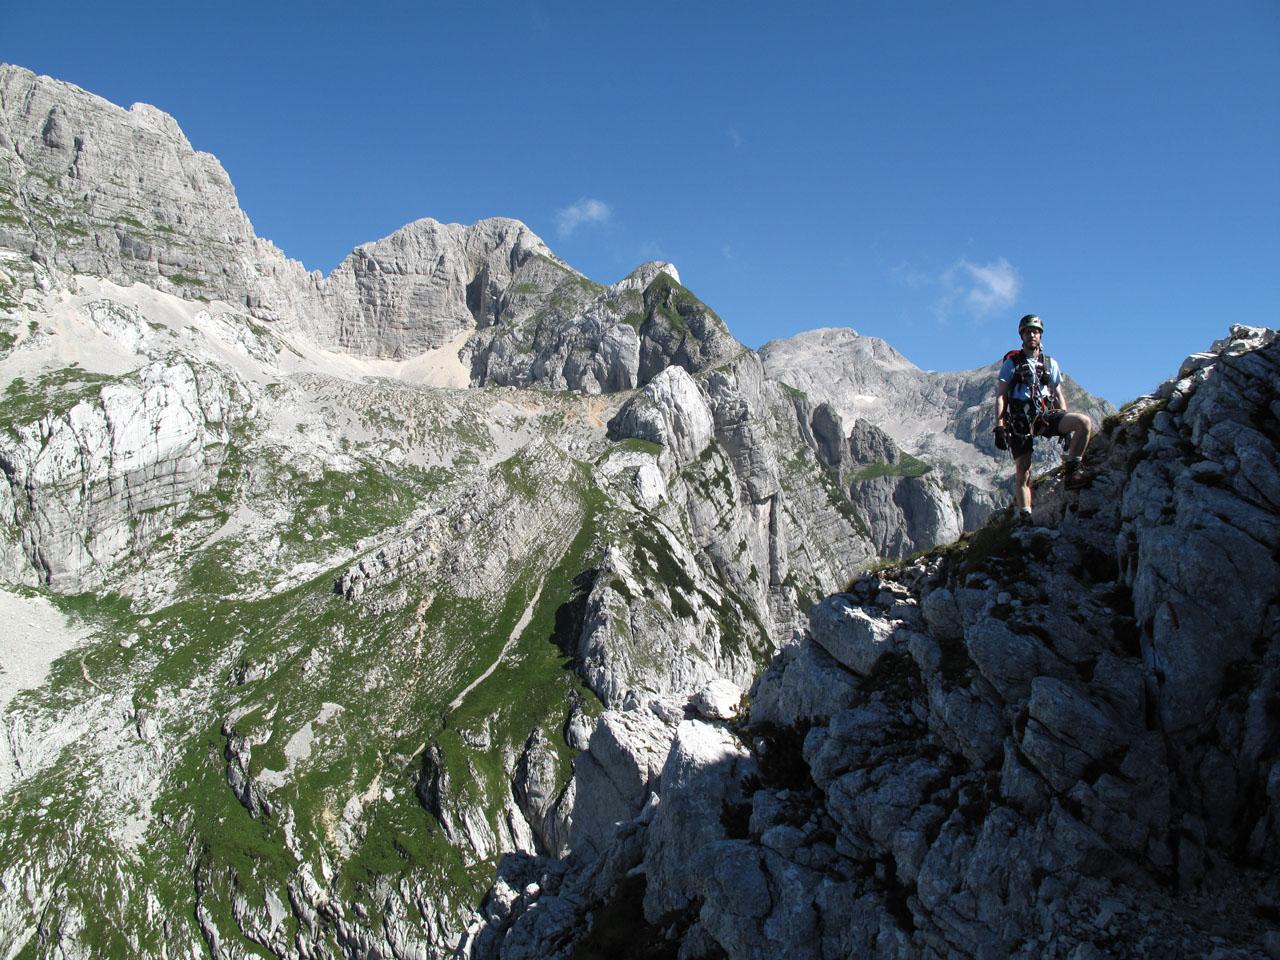 Klettersteig Julische Alpen : Berge julische alpen prisojnik bild